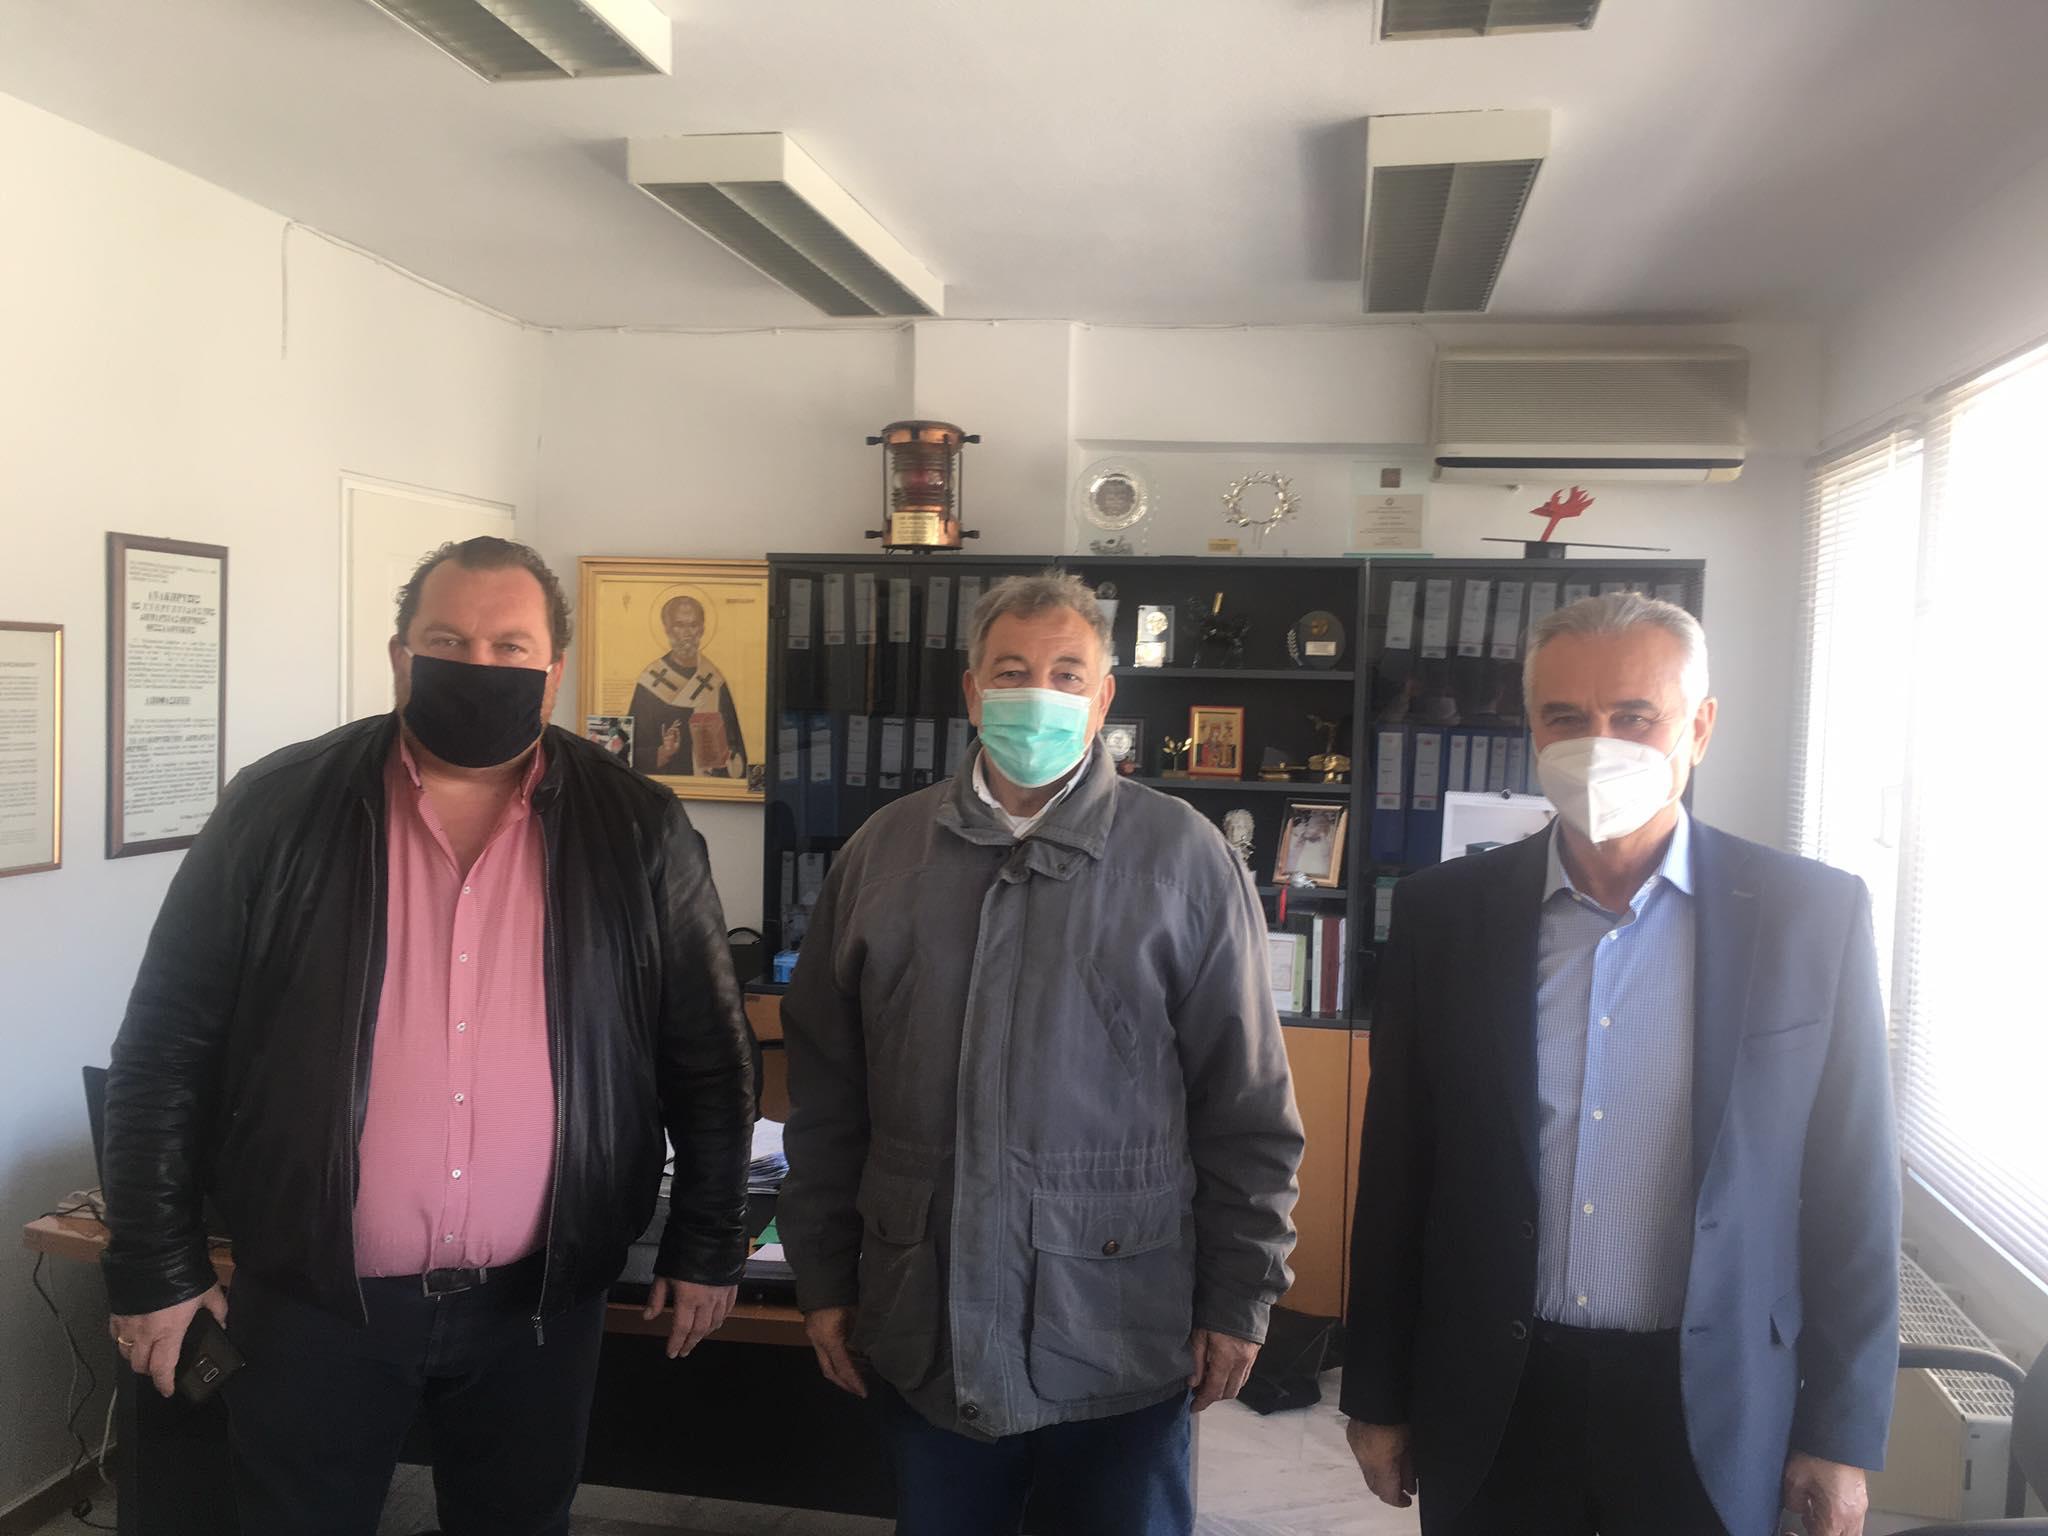 Συνάντηση του δημάρχου Θέρμης με τον βουλευτή Σάββα Αναστασιάδη